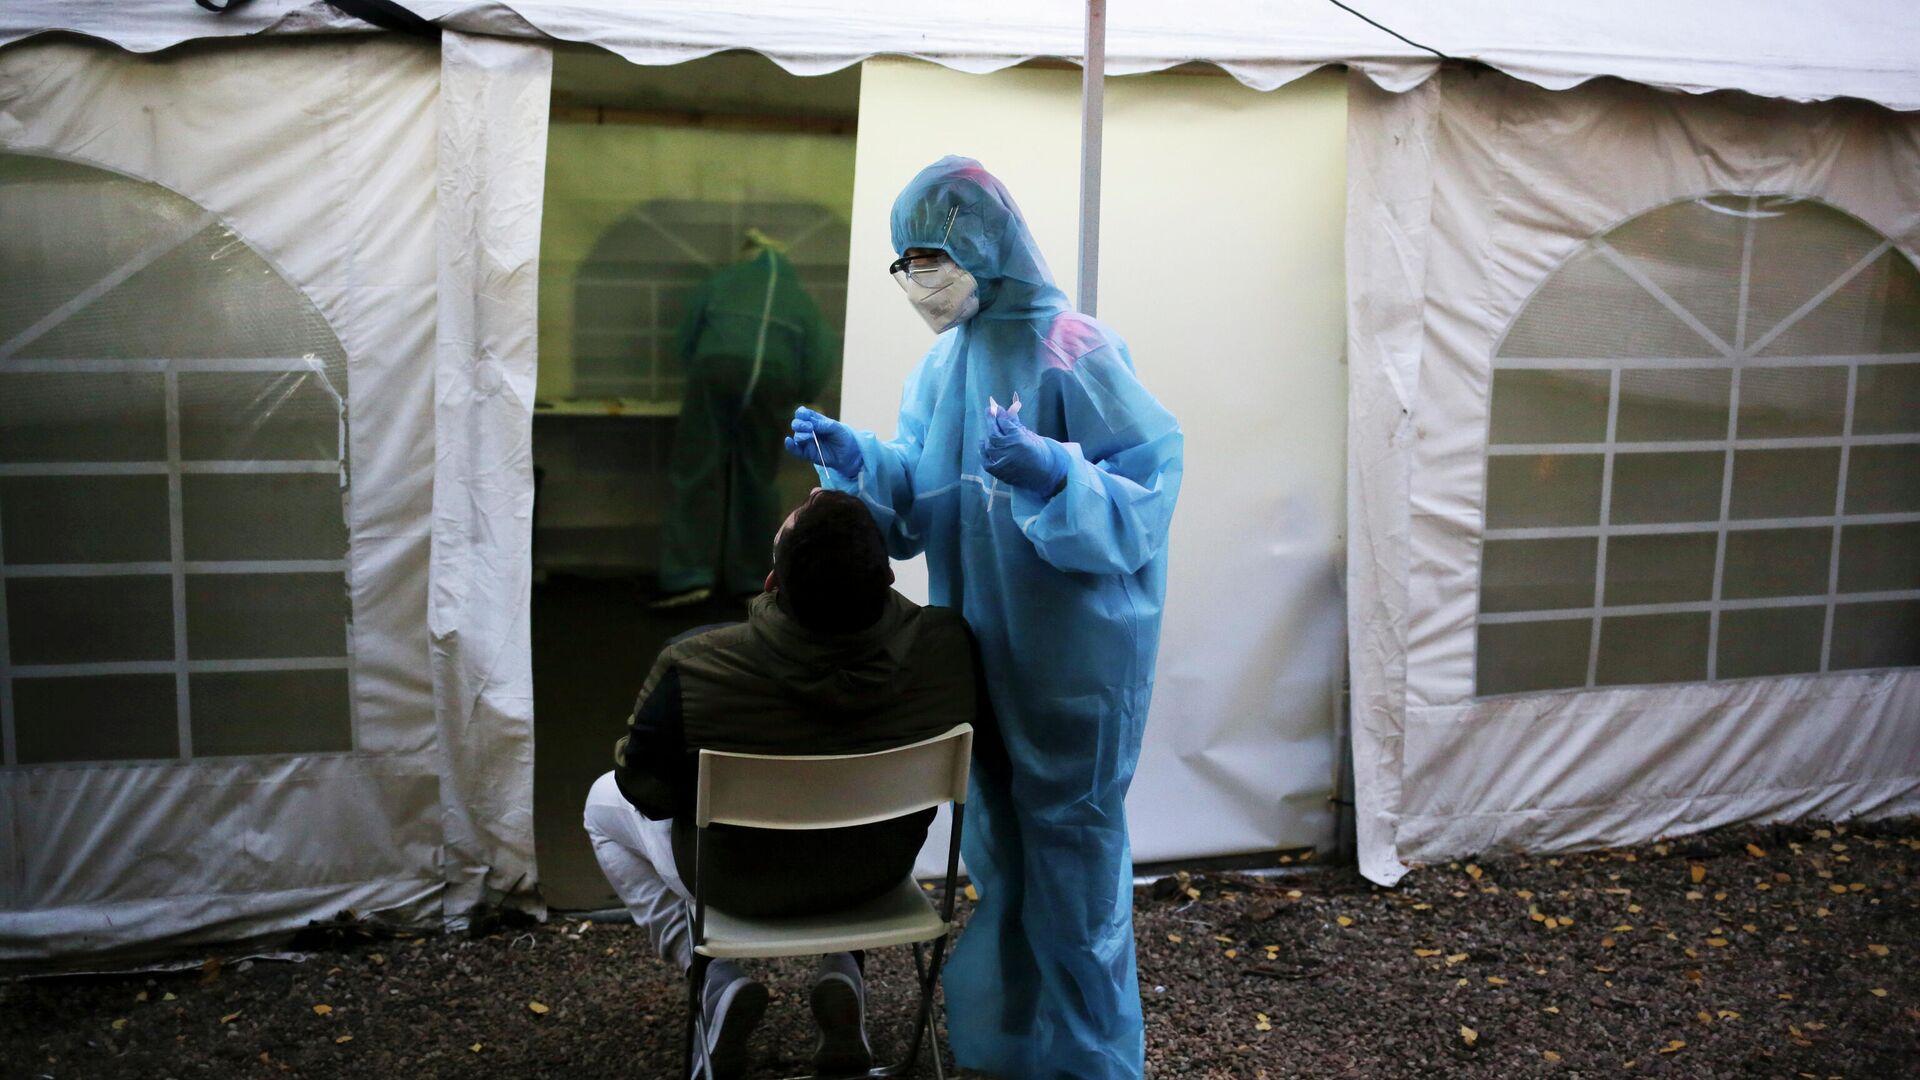 Медик в защитном костюму берет мазок у пациента во время тестирования на SARS CoV-2 в Берлине - РИА Новости, 1920, 23.12.2020